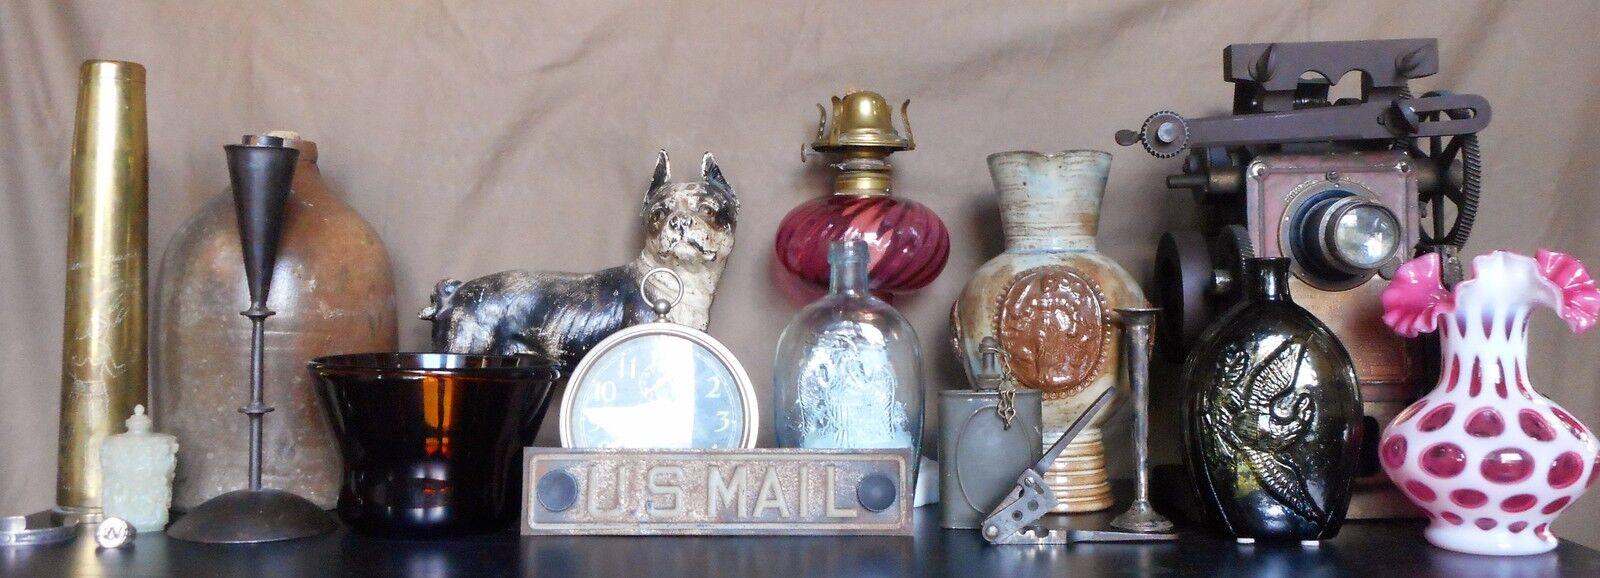 Upstate New York Artifacts